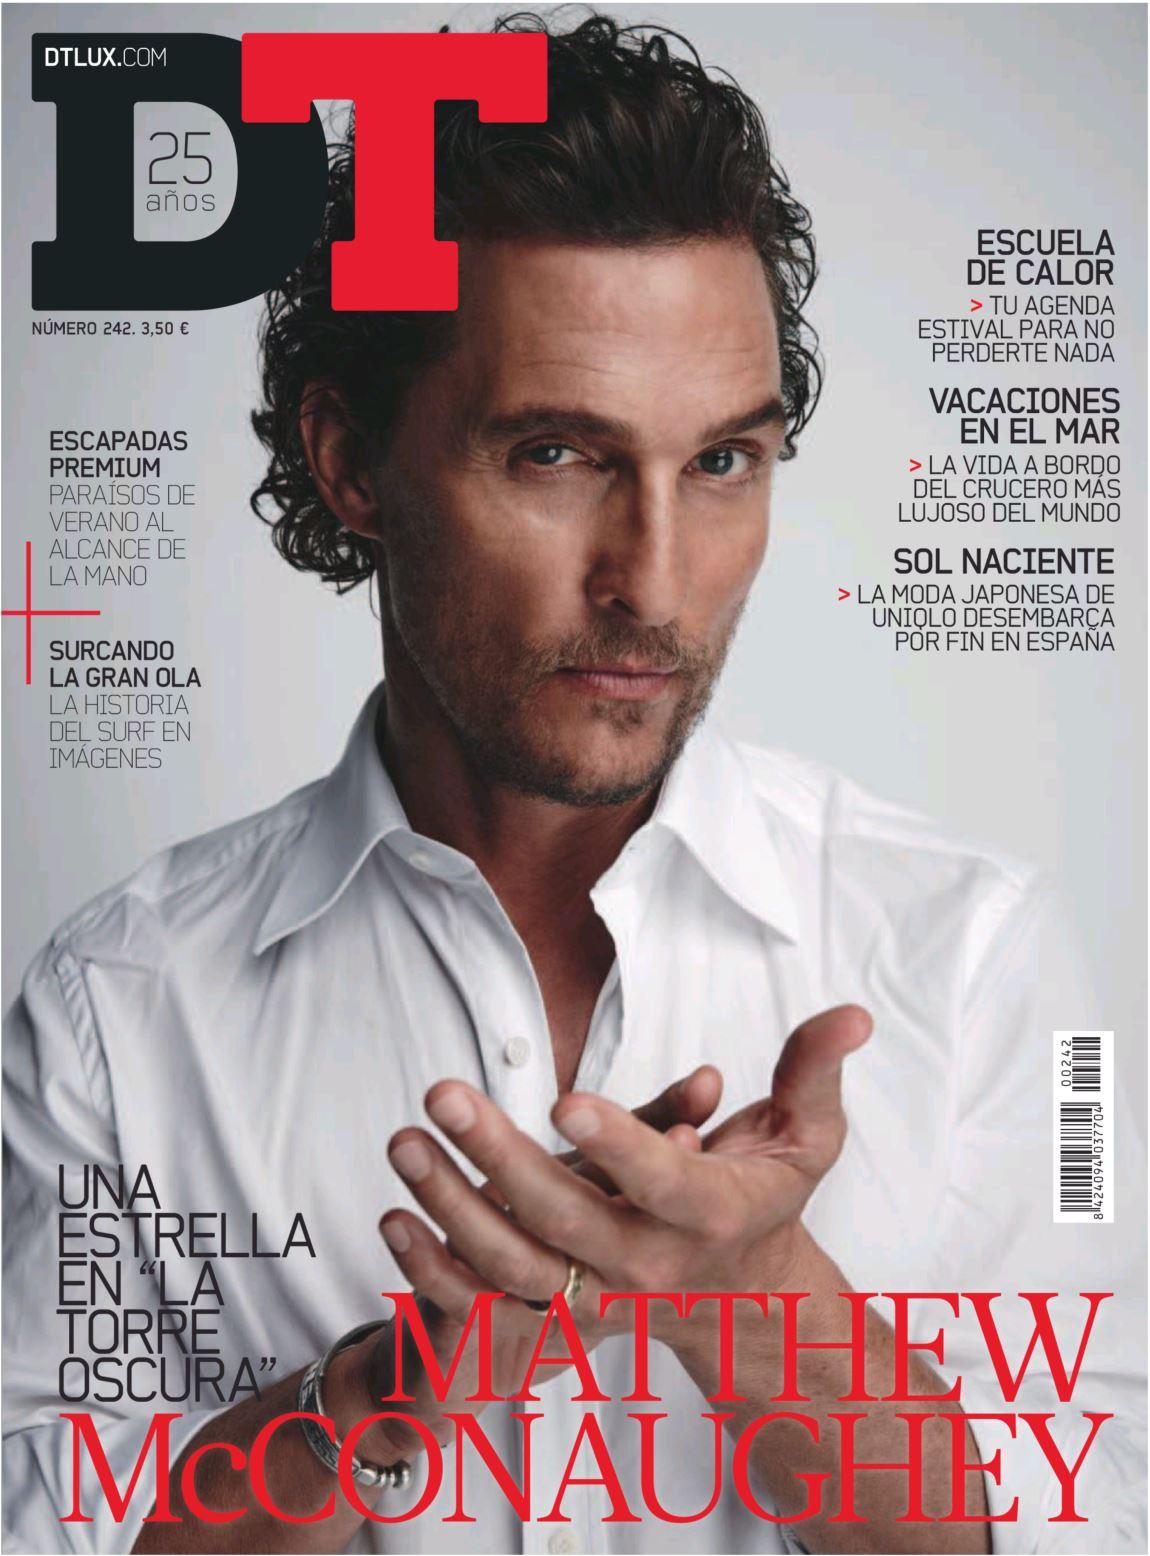 DT_Cover.JPG